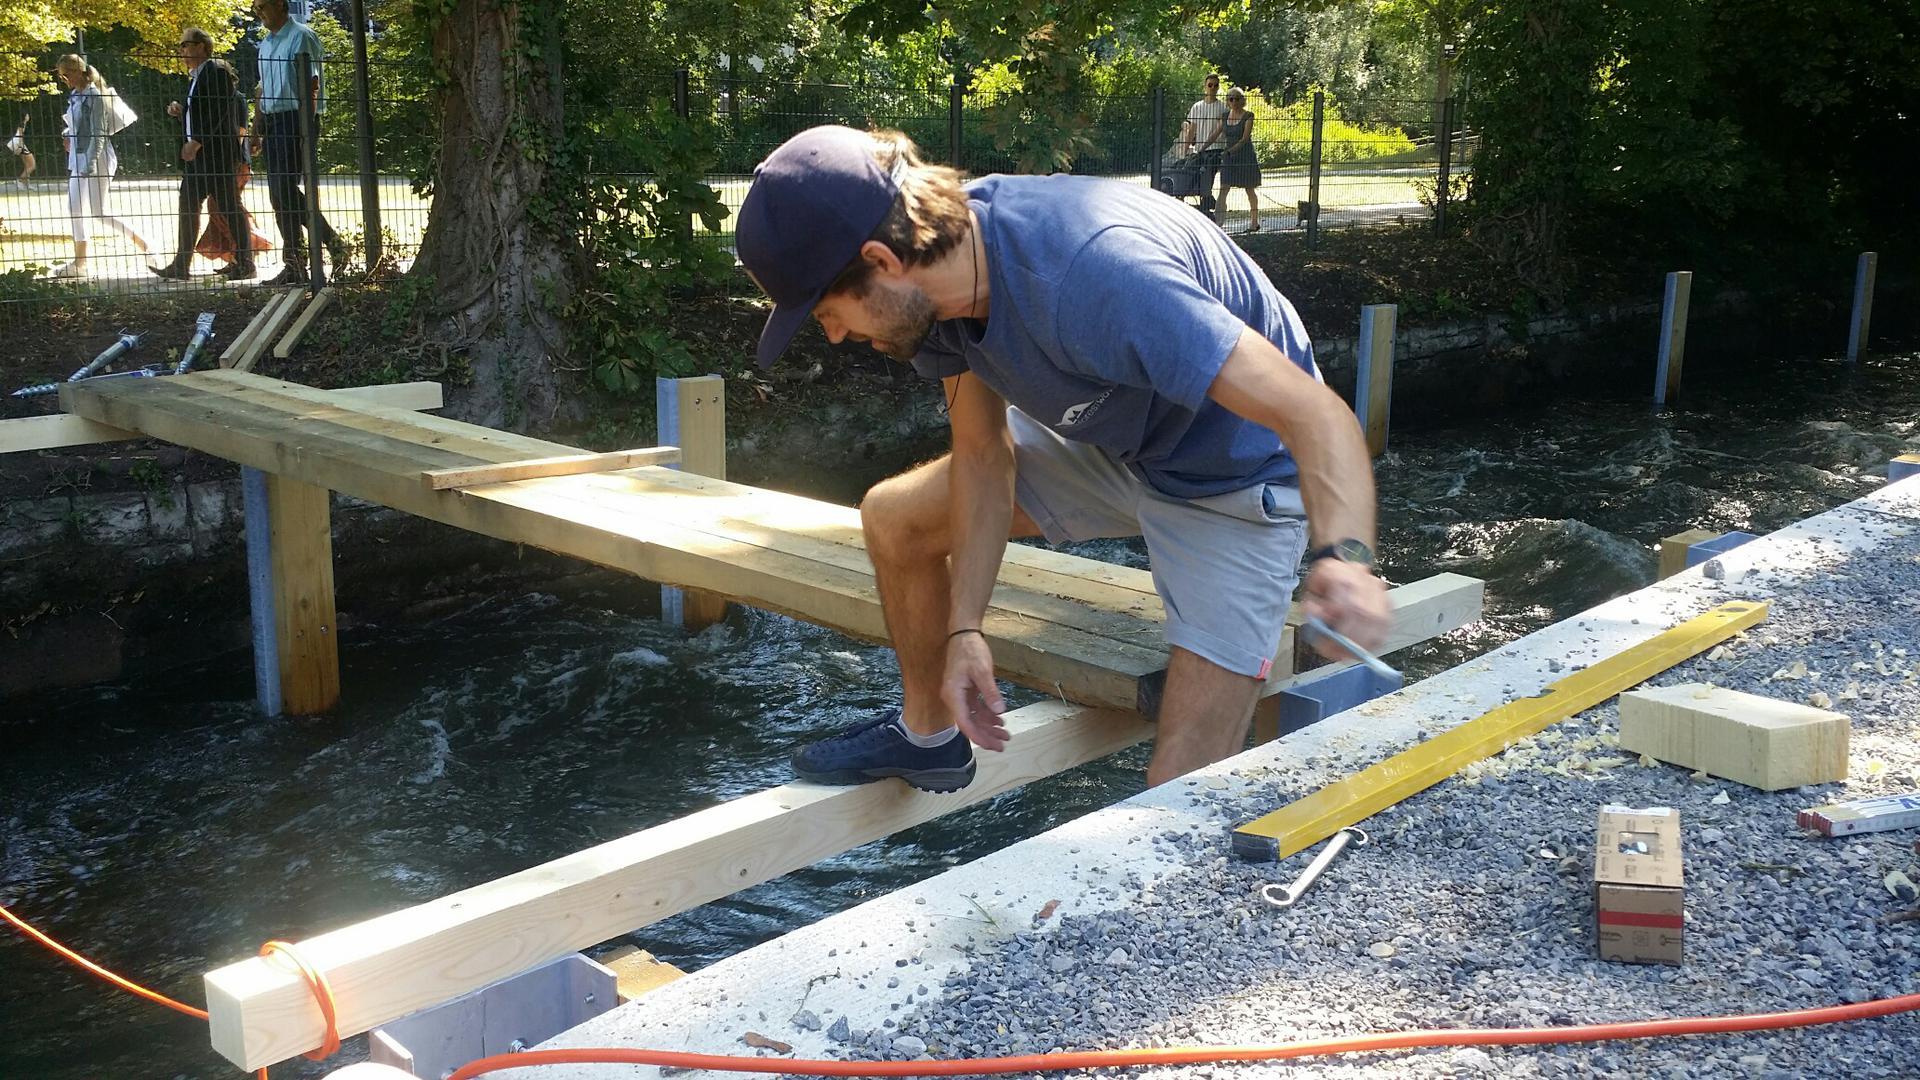 Steffen Rose, Vorsitzender von Black Forest Wave, bei der Montage der Holzkonstruktion für den Zugang zum Surfvergnügen im Metzelgraben in Pforzheim. Werkzeug hat er in der linken Hand und neben sich. Er steht auf einem Holzbalken über dem Wasser.